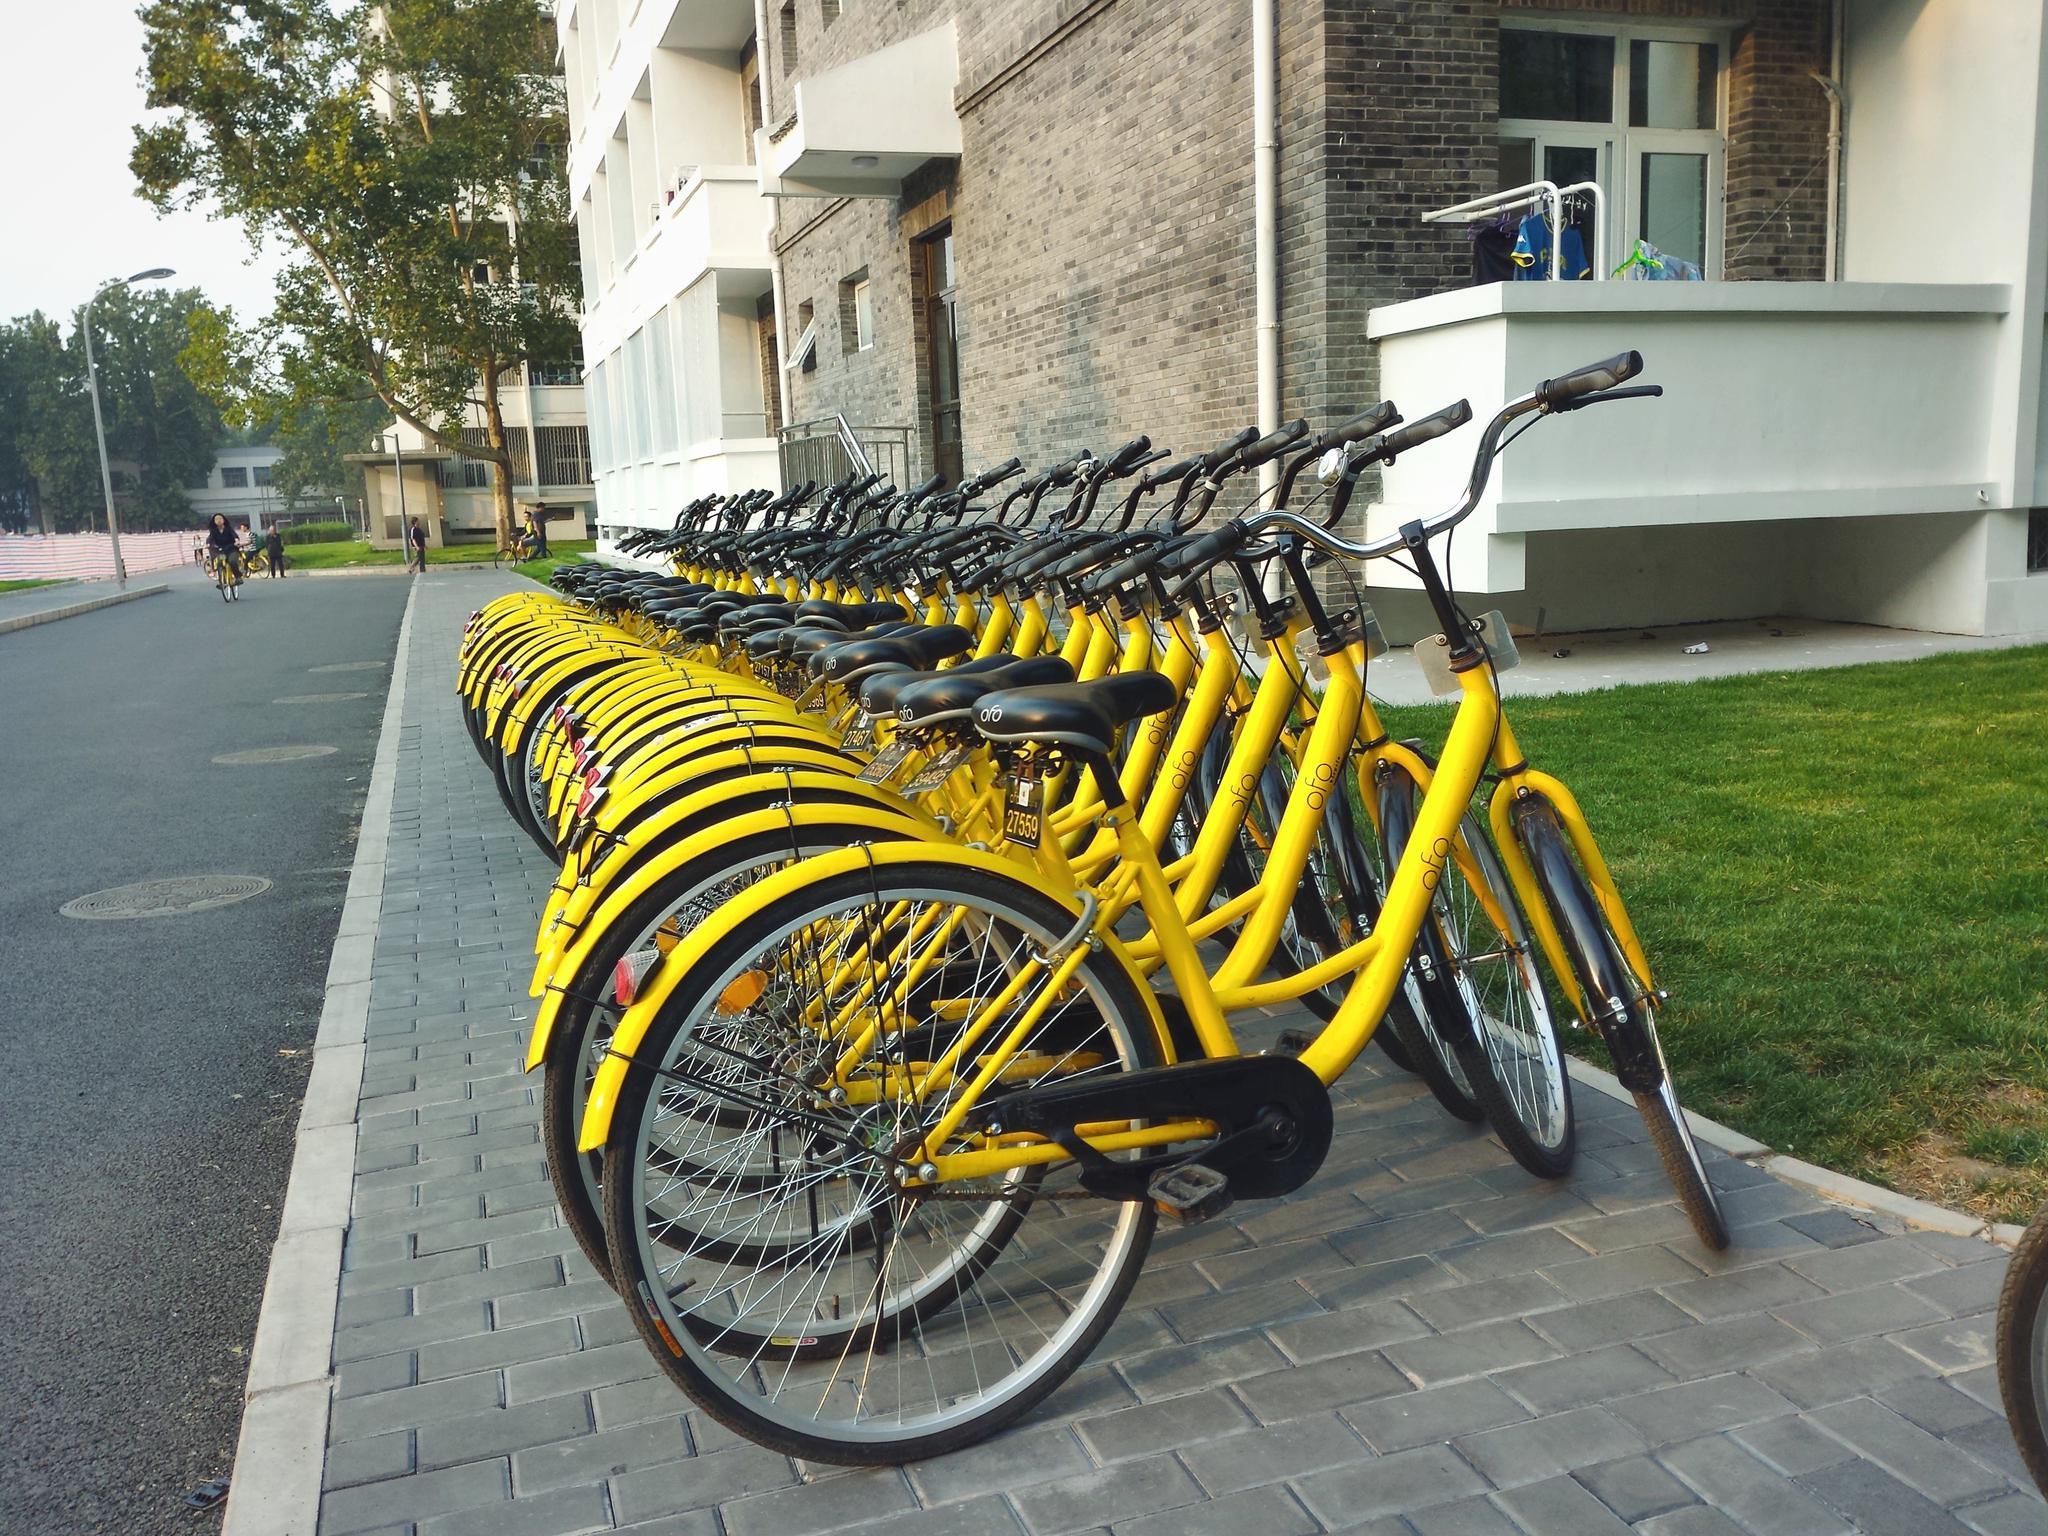 小黄车马德里黯然退场 自行车坟地成城市怪异新地标